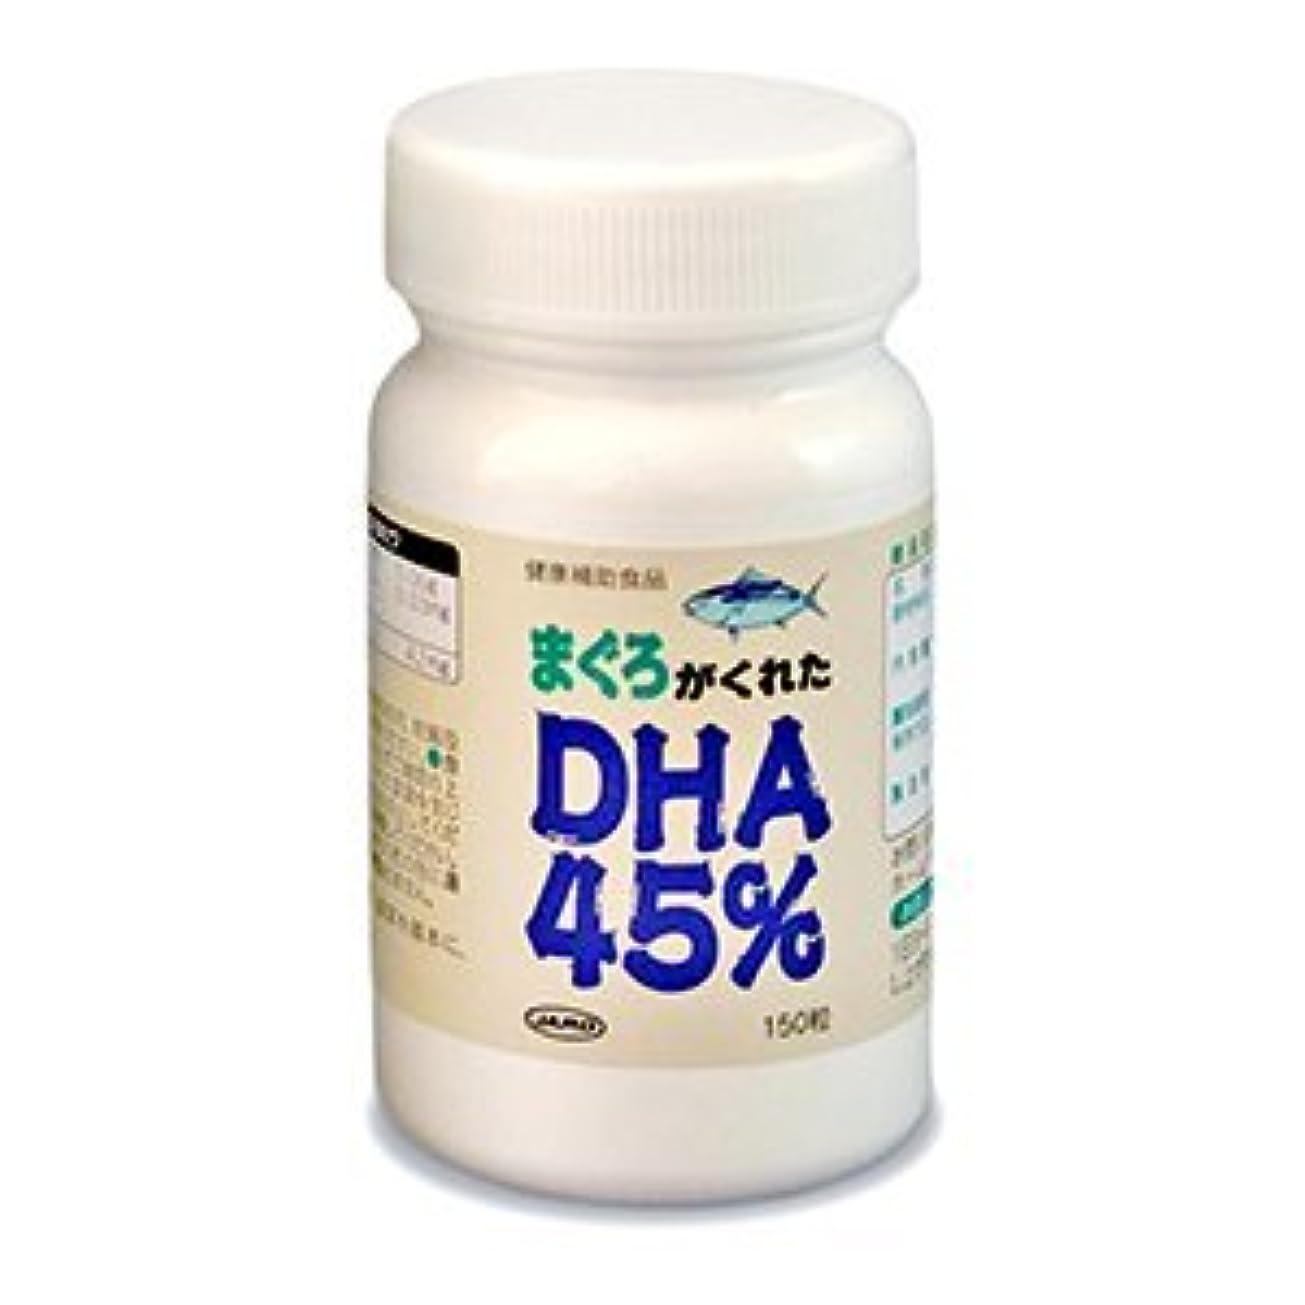 医療過誤差別まぐろがくれたDHA45% 150粒(約1ヶ月分)